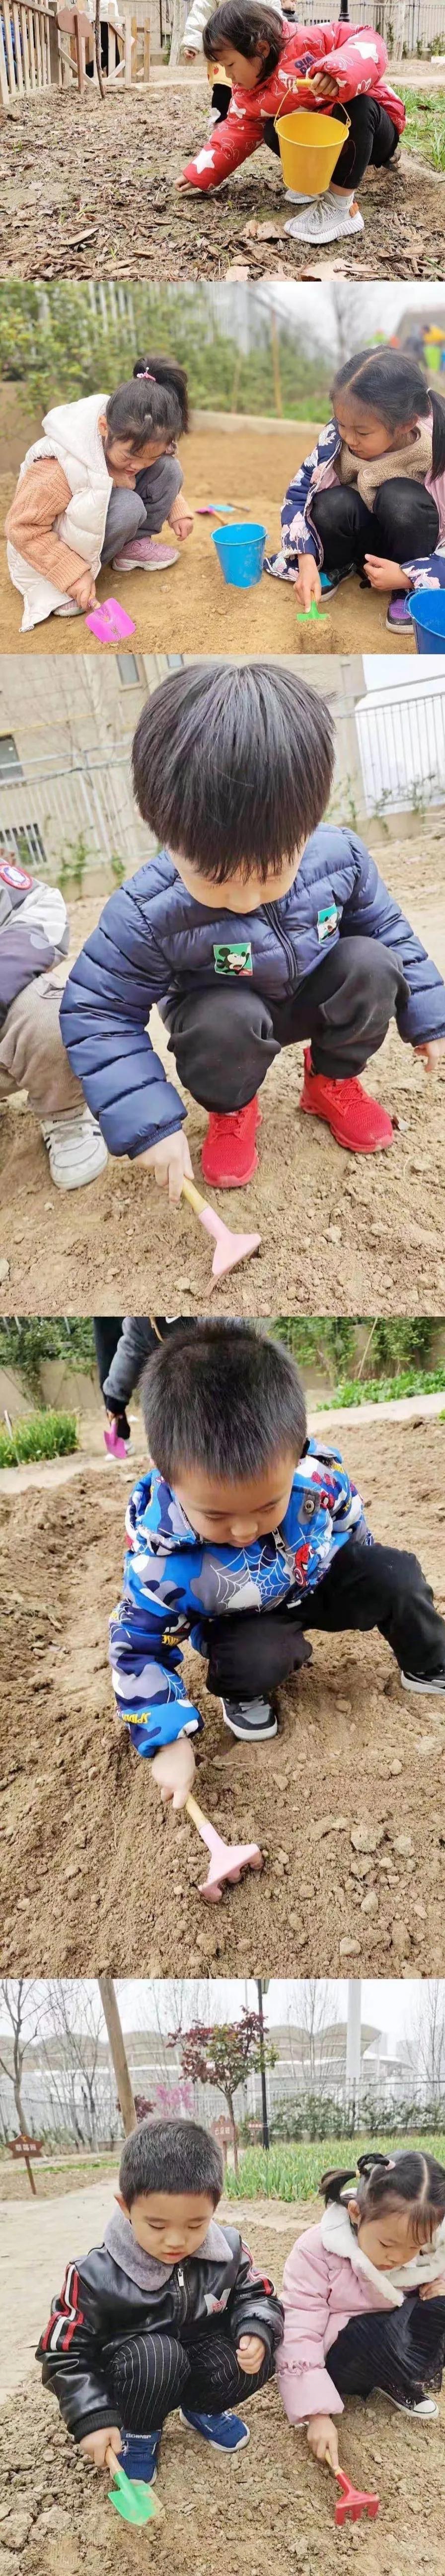 五龙新城汇爱幼稚园丨在城市中央种一片田,亲近土地,回归自然